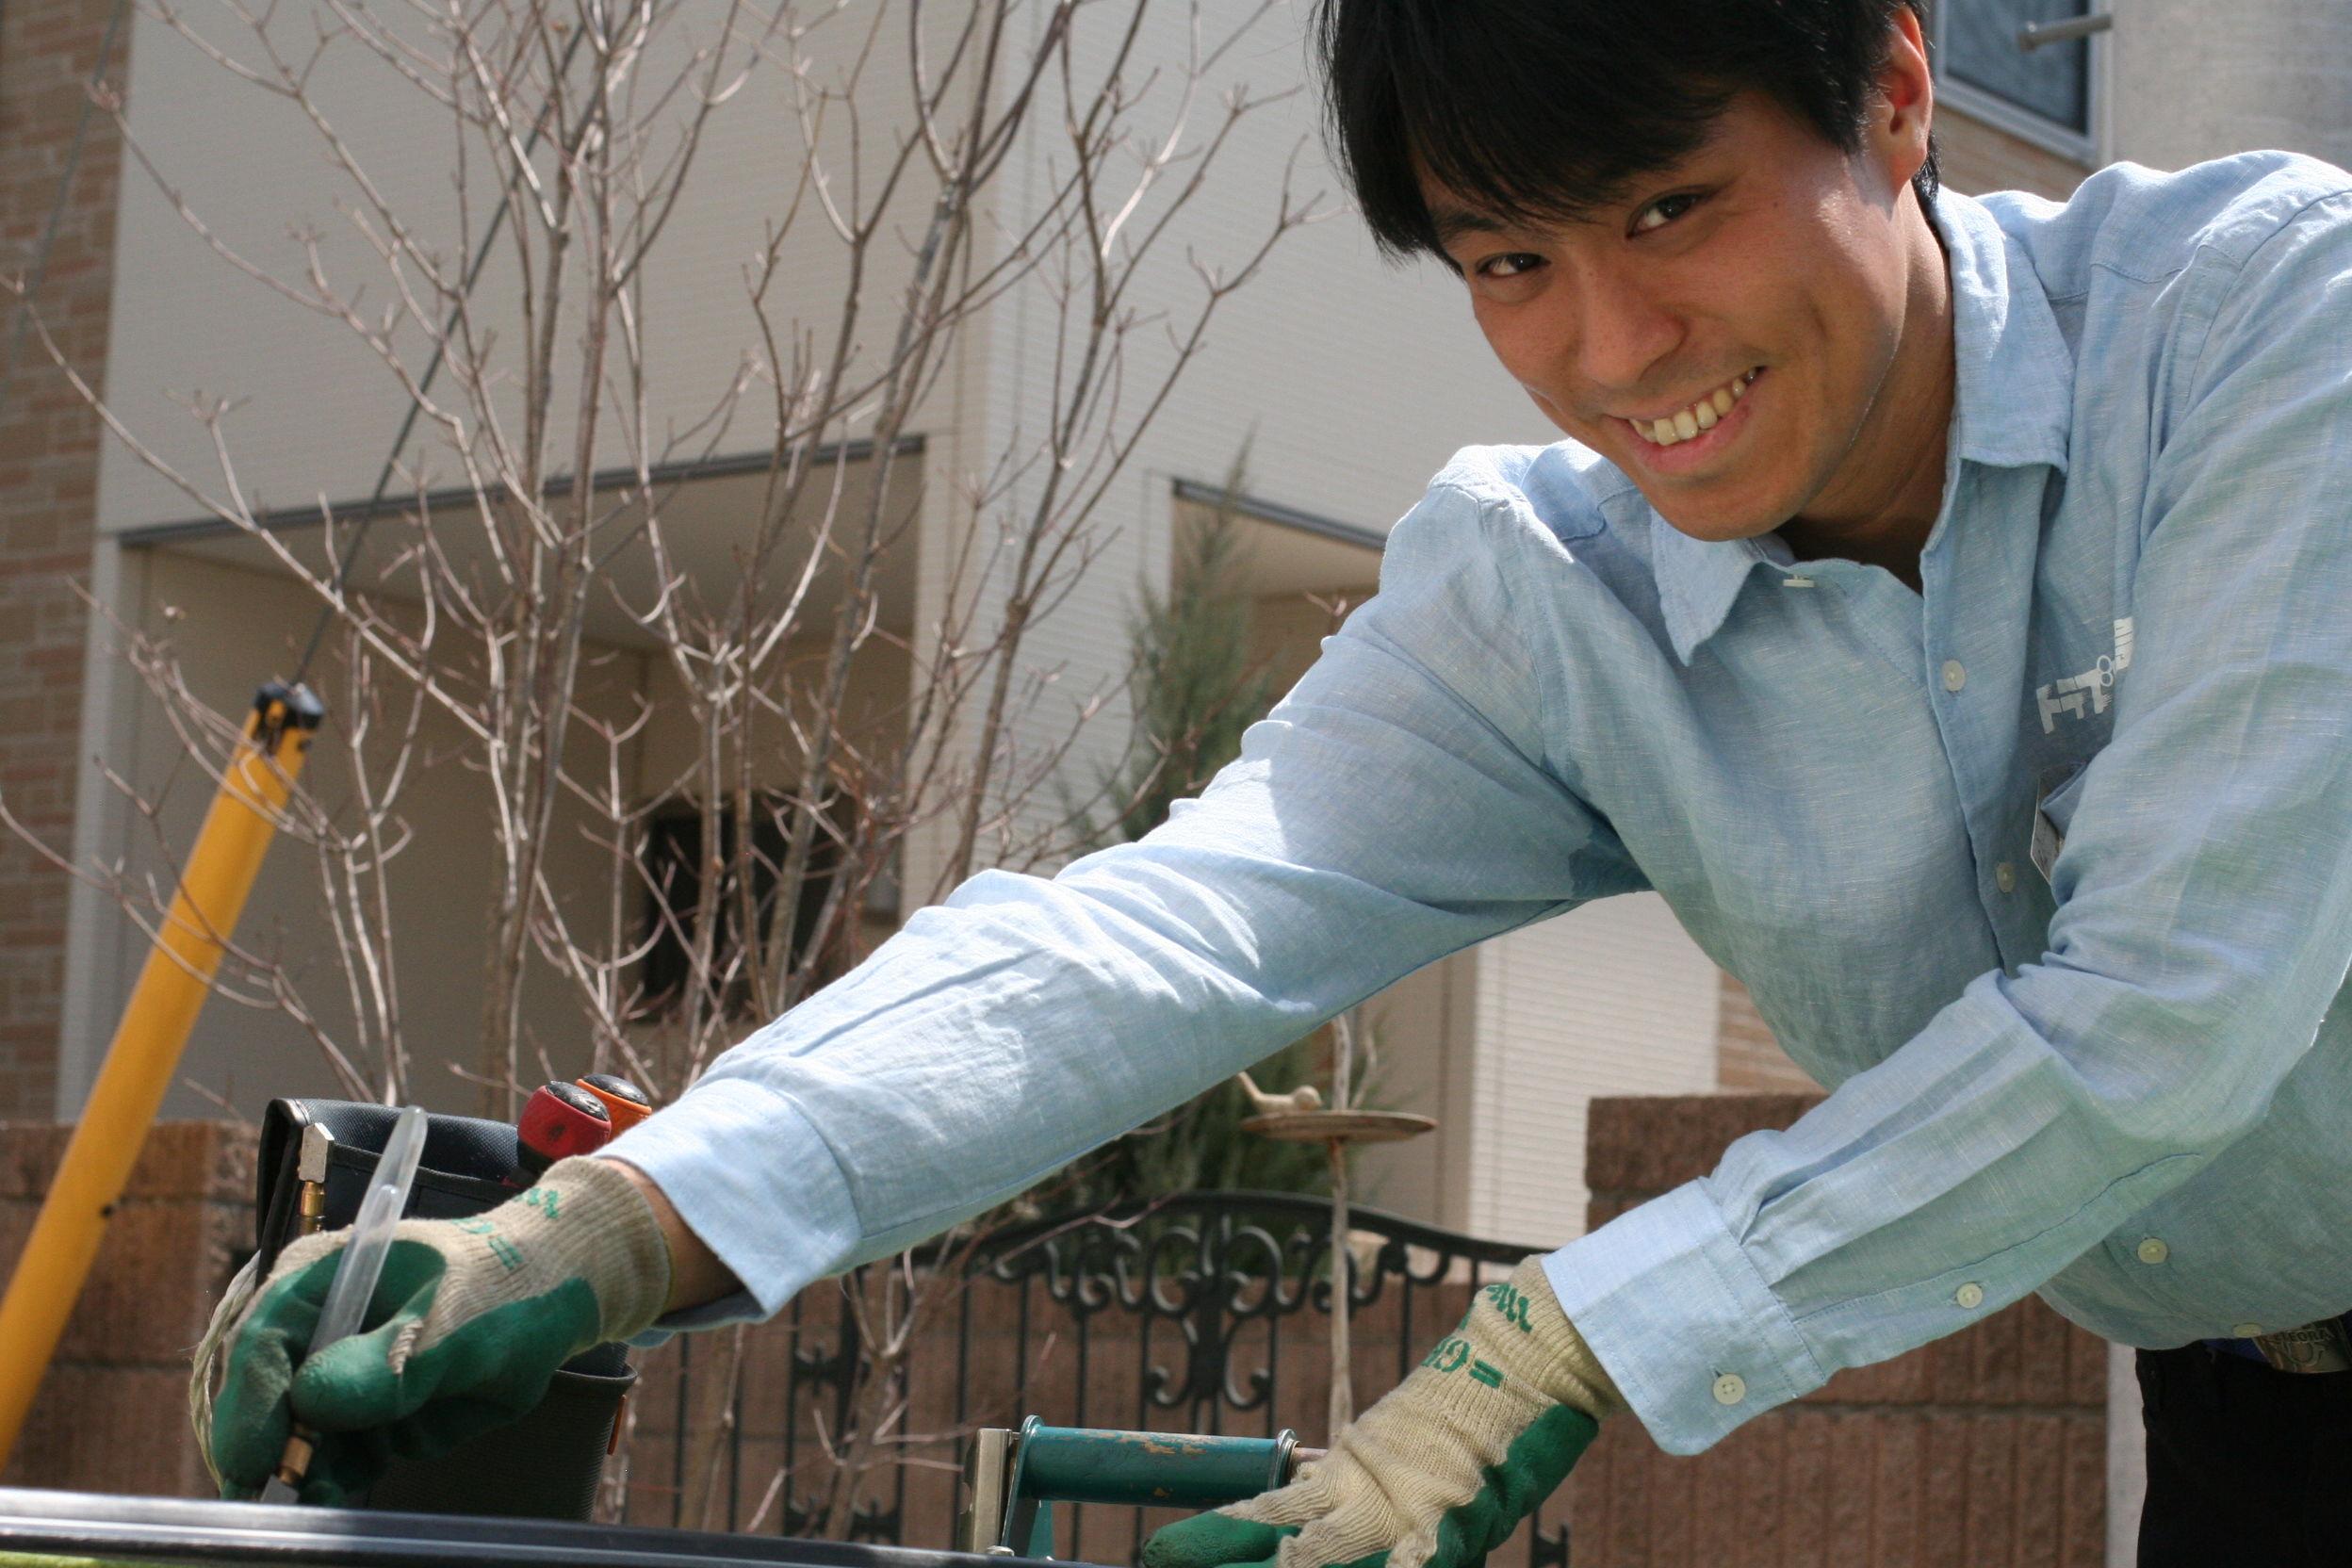 ガラスのトラブル救Q隊.24【横浜市緑区 出張エリア】の店内・外観画像2